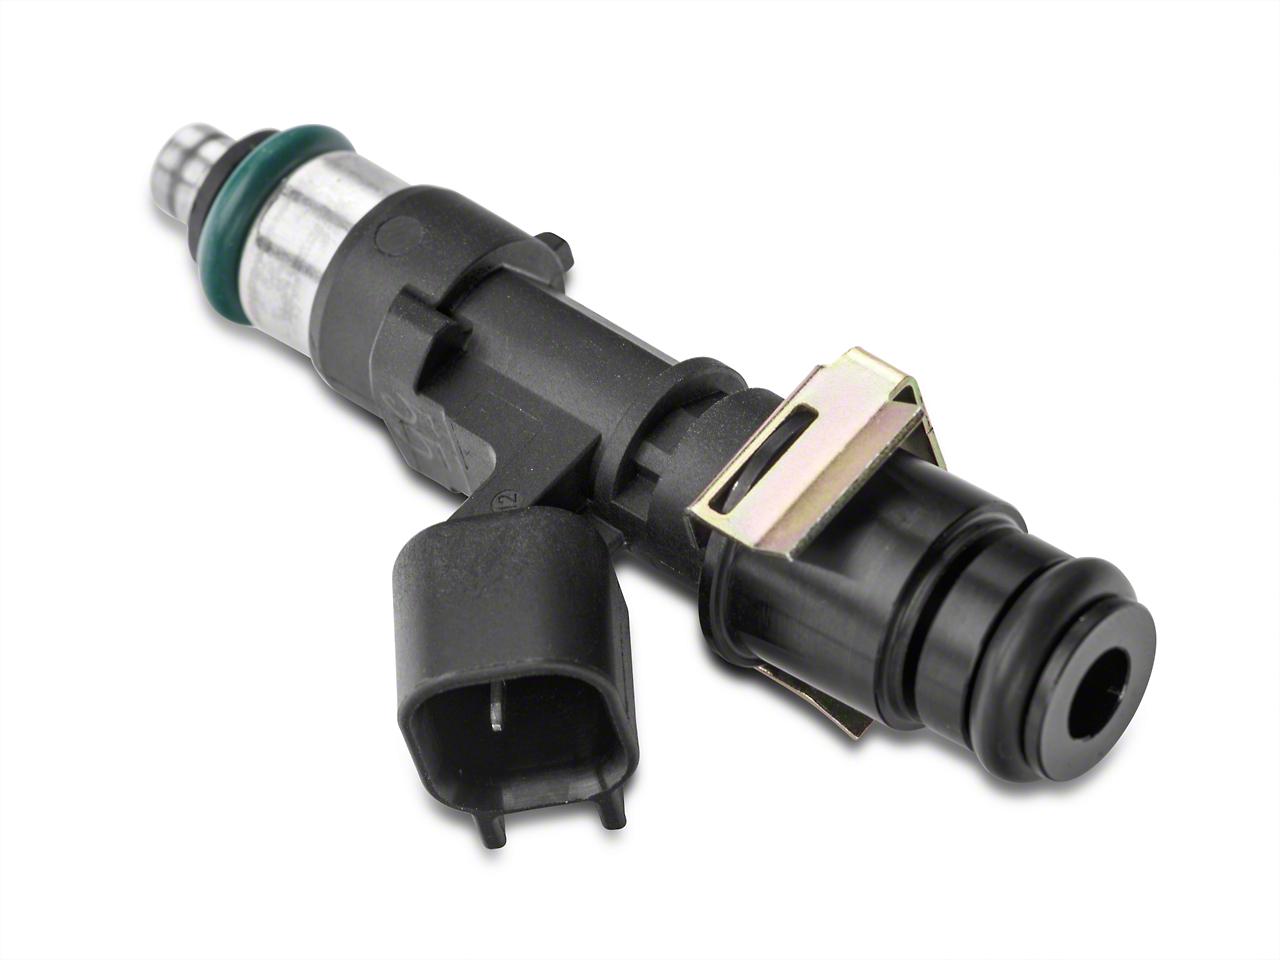 DeatschWerks EV14 DV2 Fuel Injectors - 95 lb (05-17 GT; 03-04 Cobra)